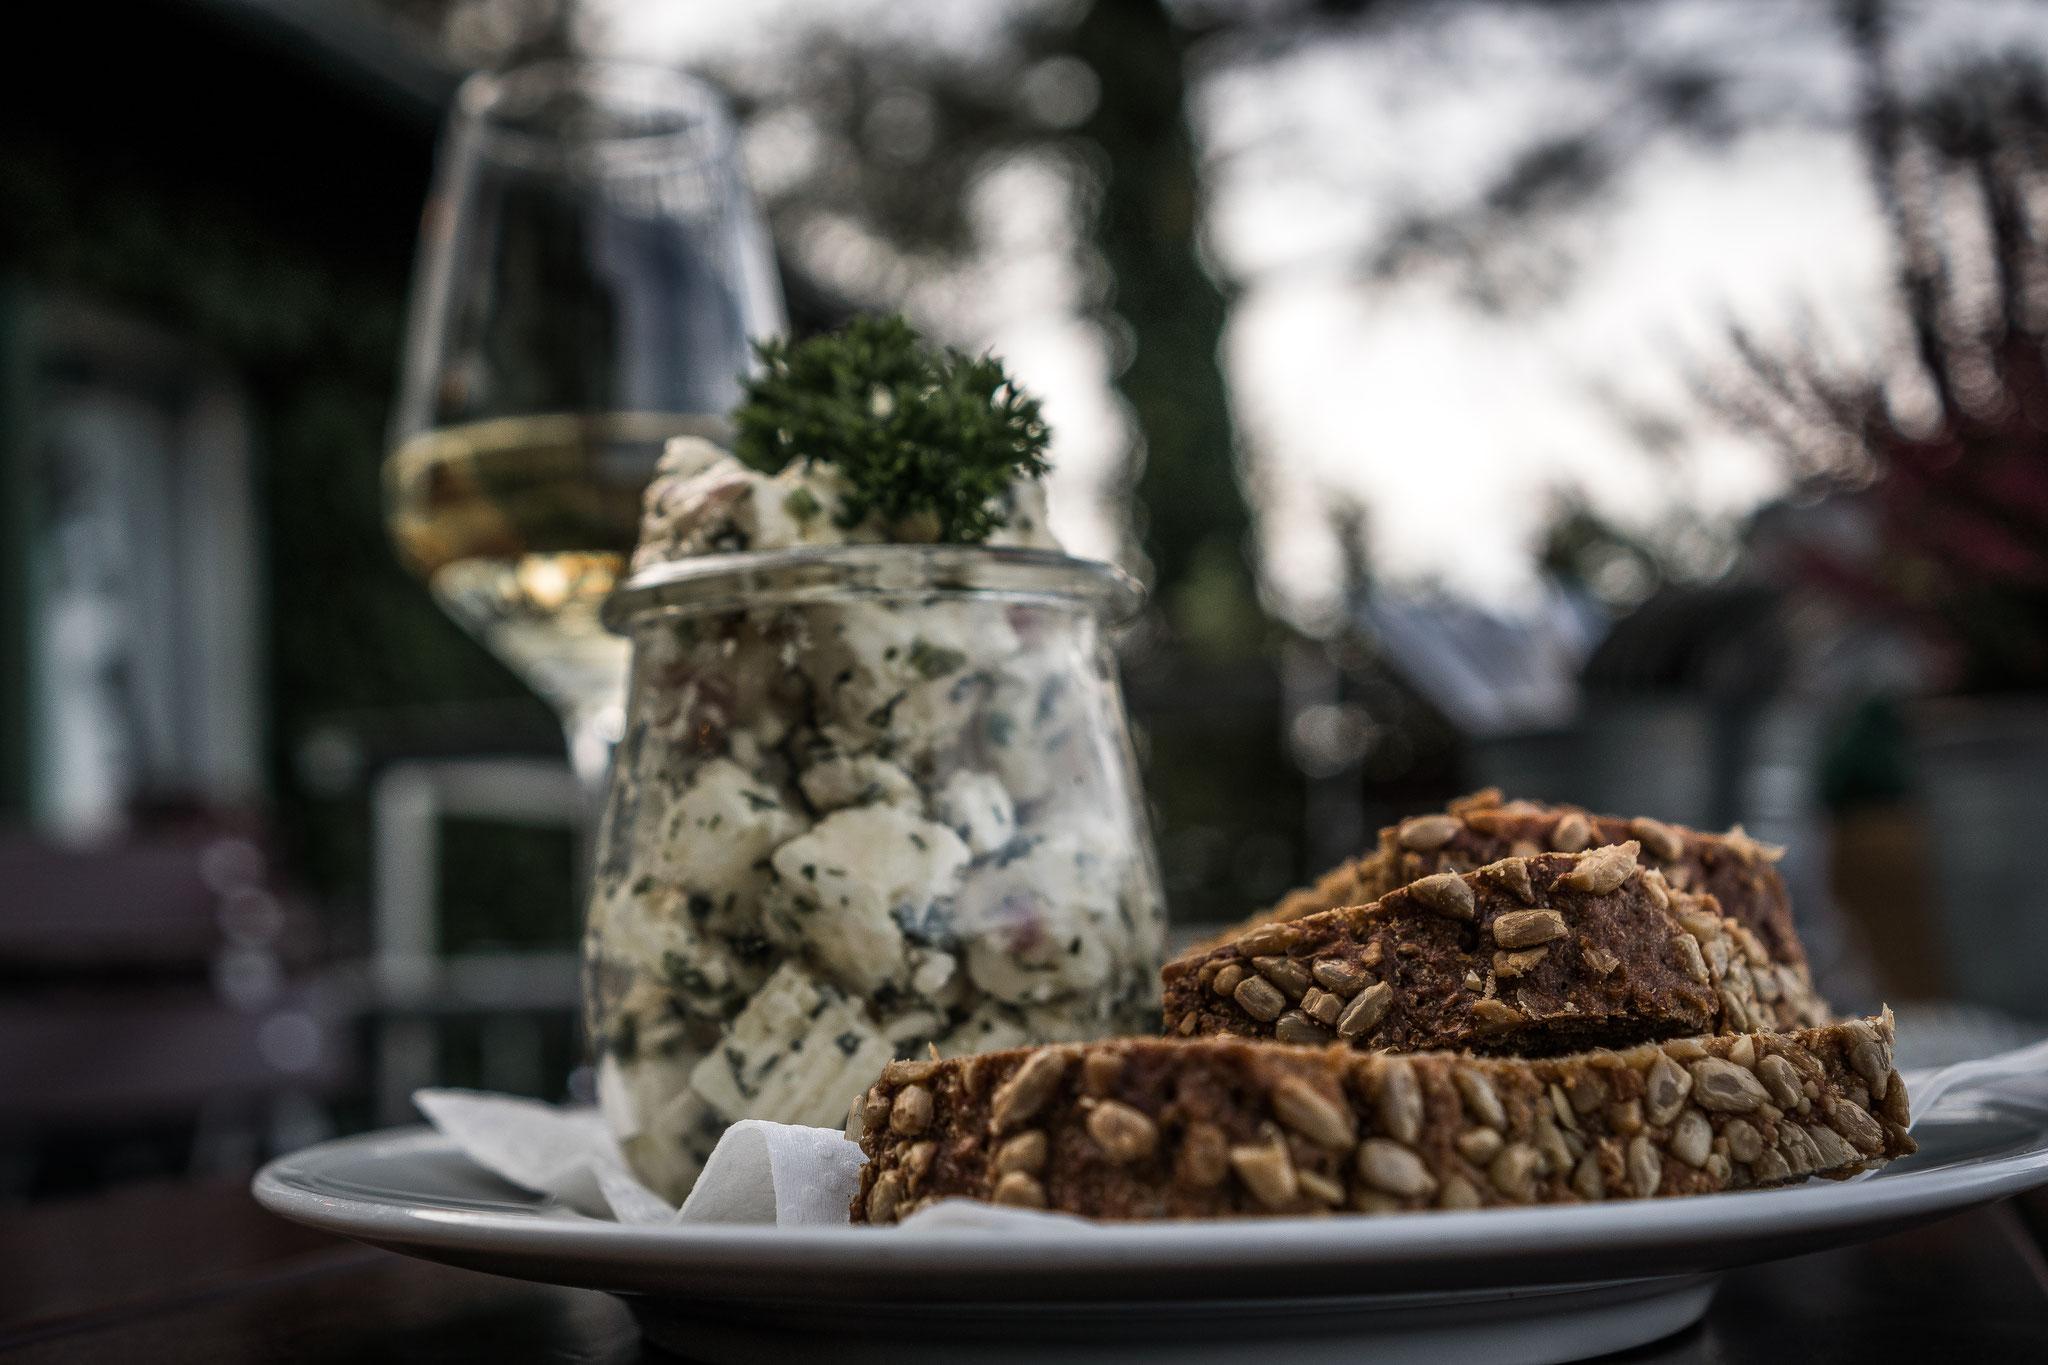 eingelegter Hirtenkäse in Knoblauch und Kräuter mit frischem Brot